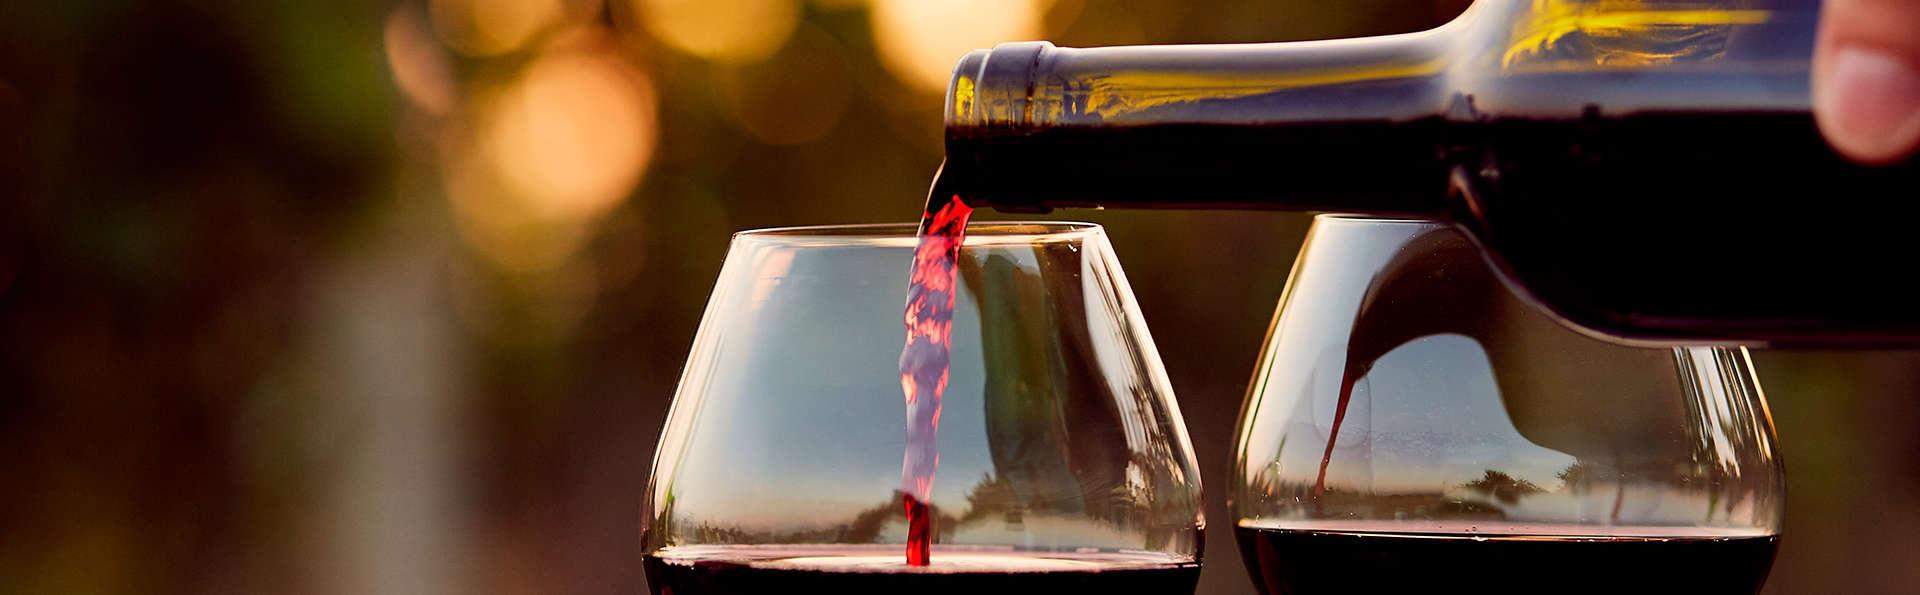 Week-end avec dîner et dégustation de vins toscans dans une chambre supérieure !